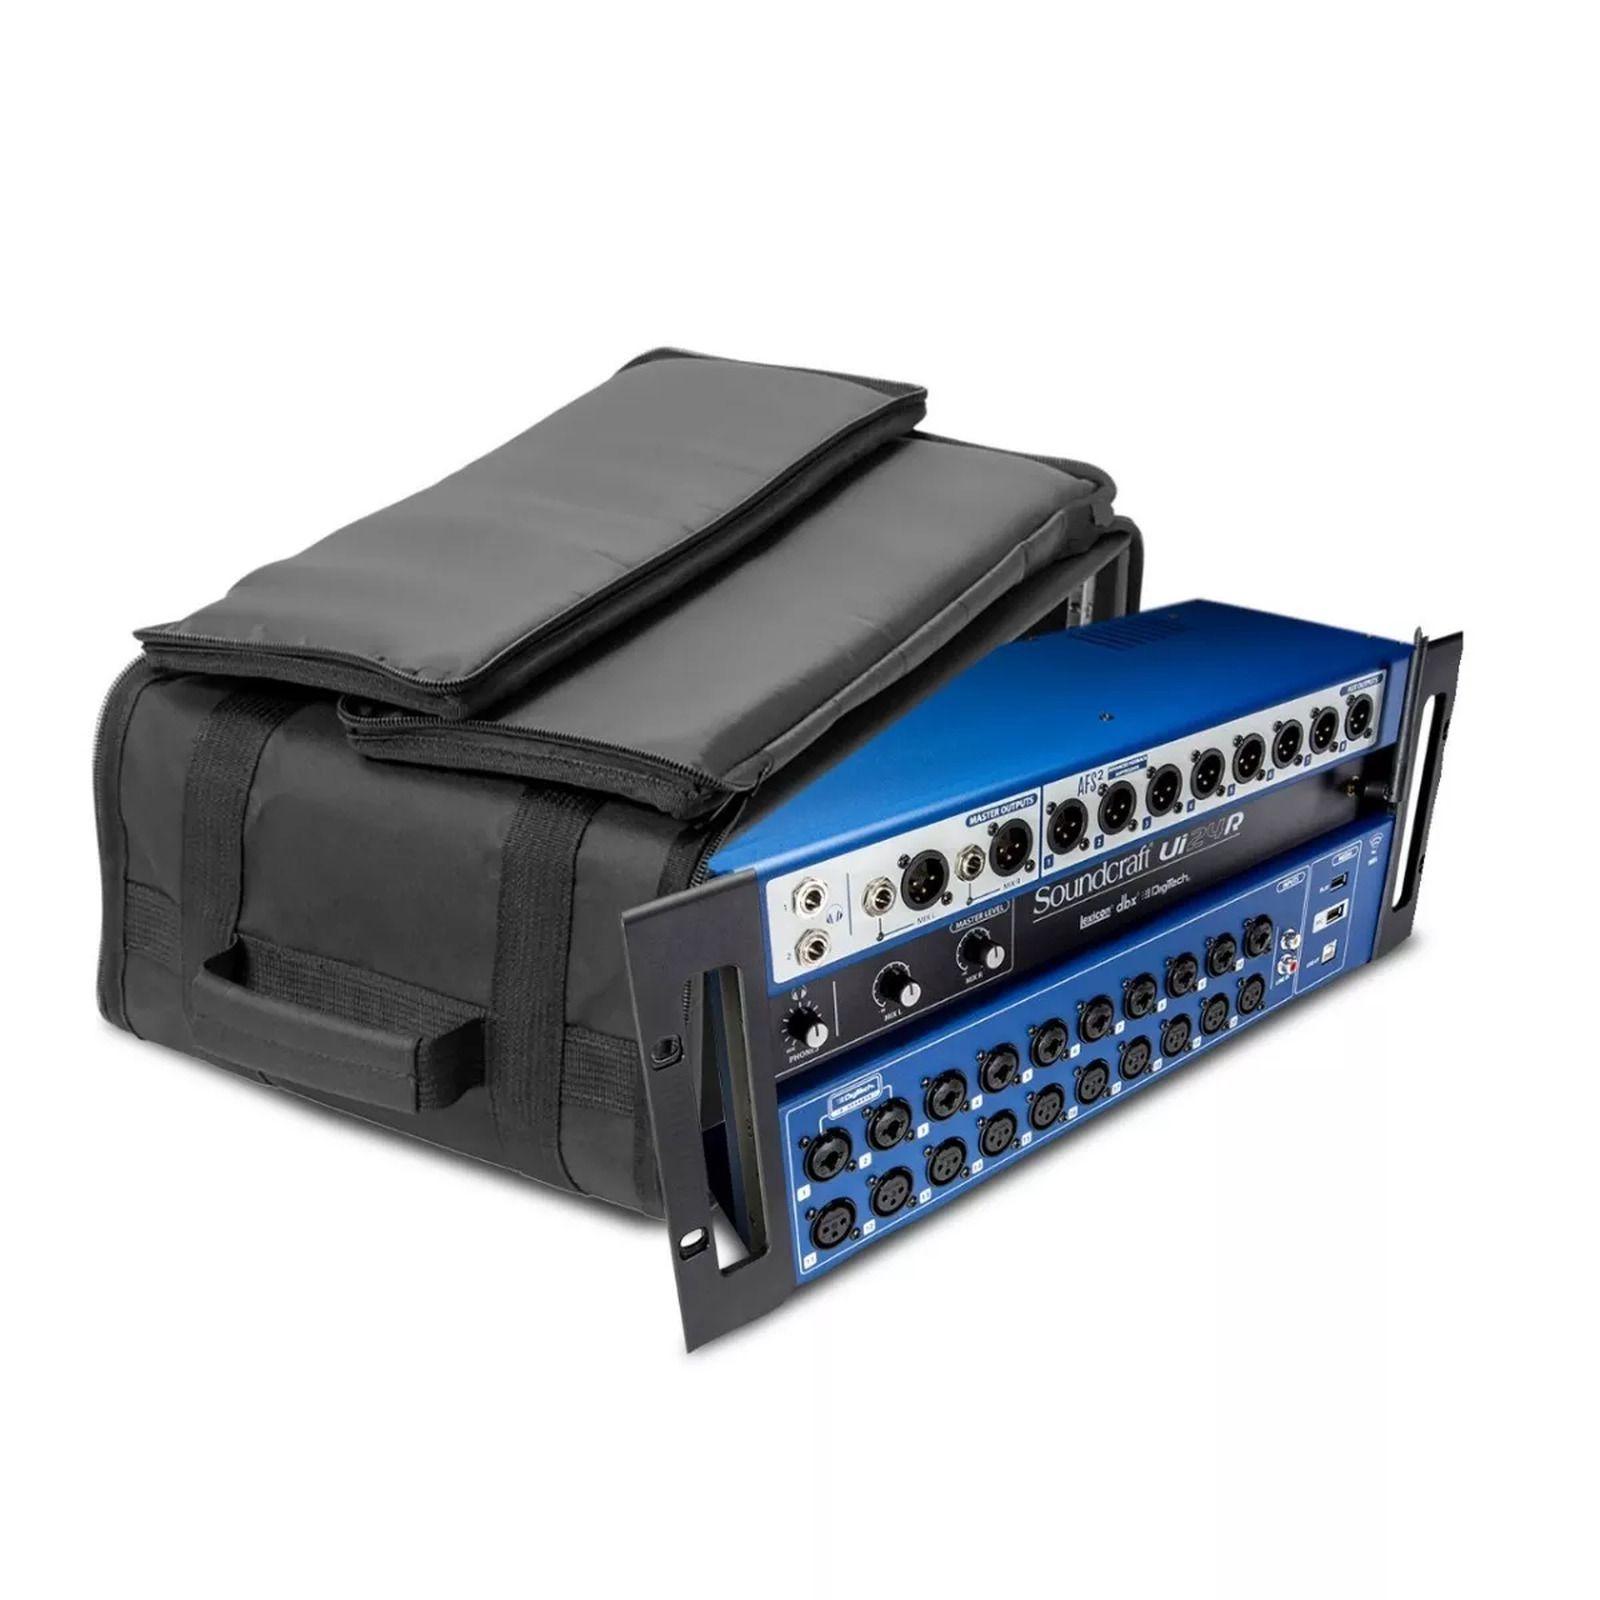 Mesa de Som Digital 24 Canais Soundcraft Ui24R Controle sem Fio